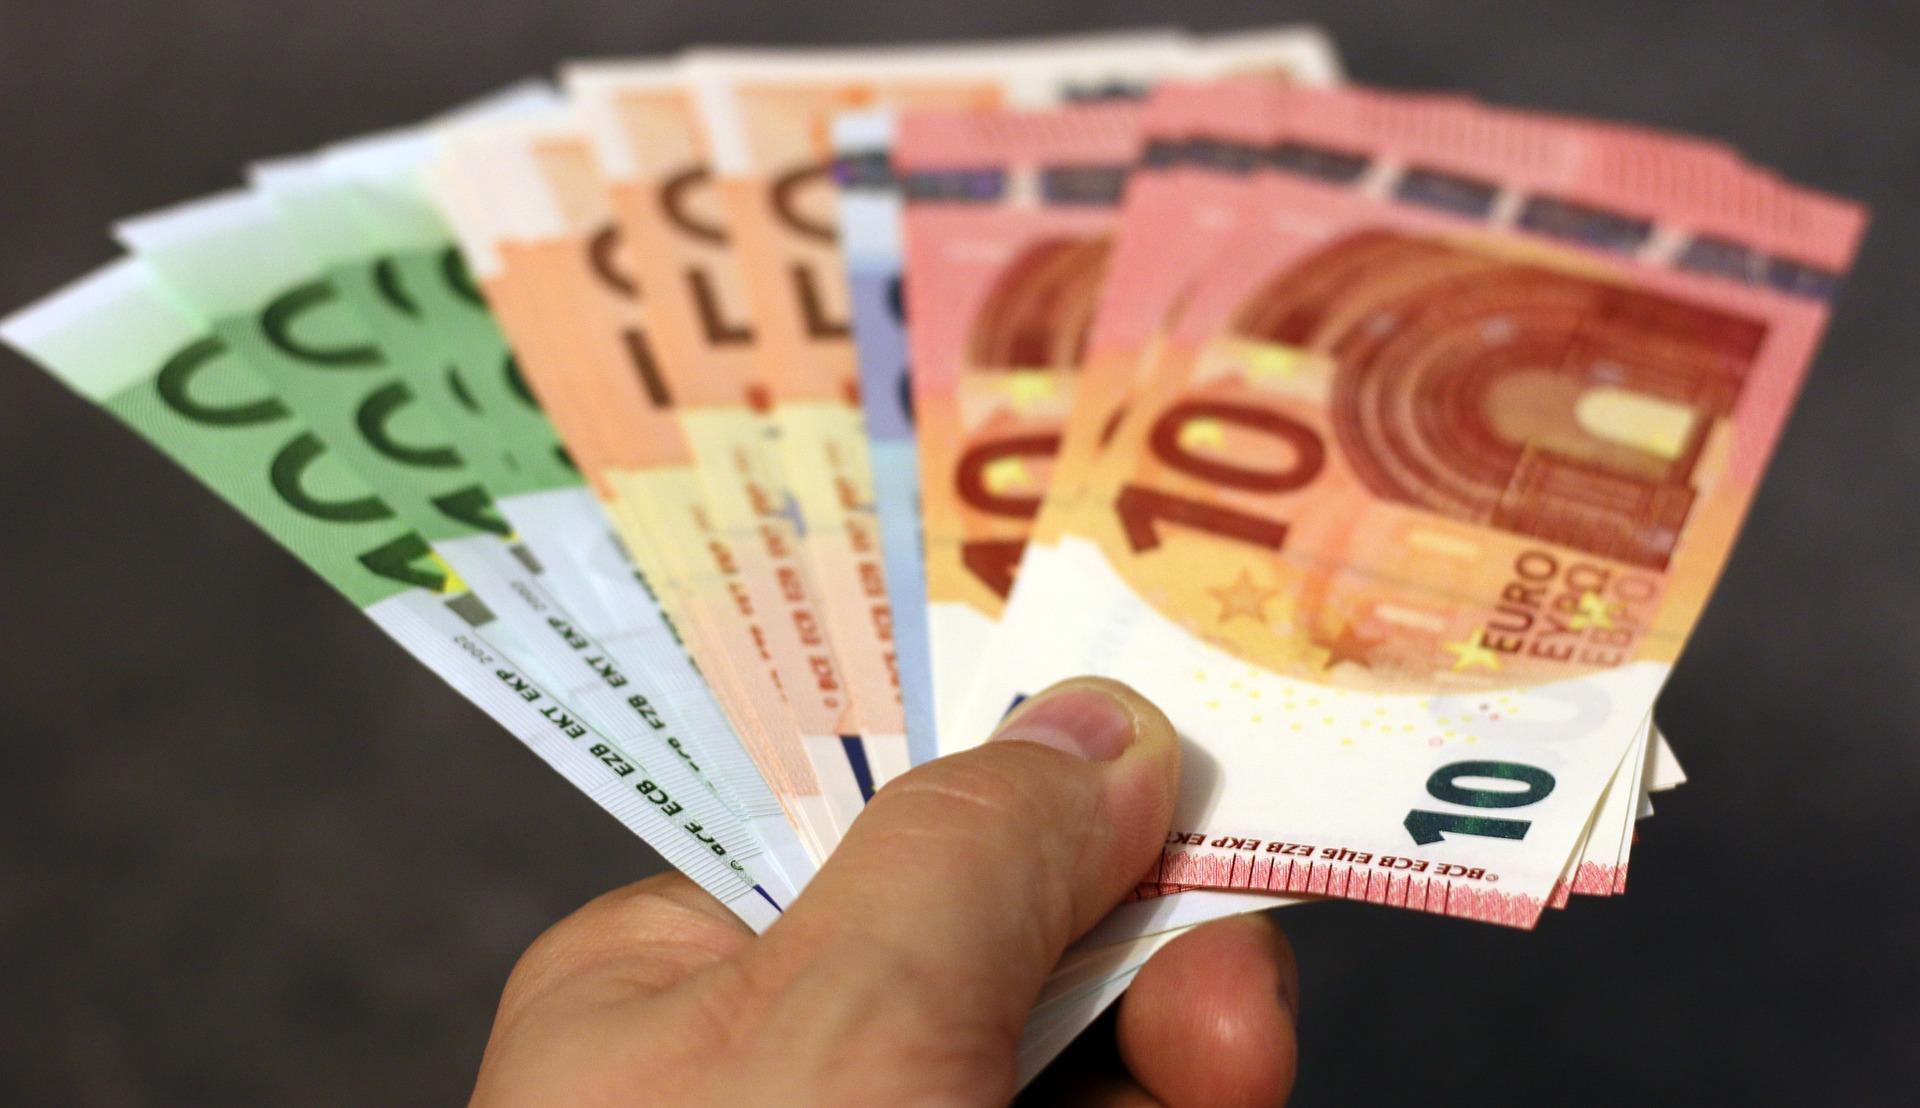 Евросоюз выделил Украине 600 миллионов евро в качестве финансовой помощи